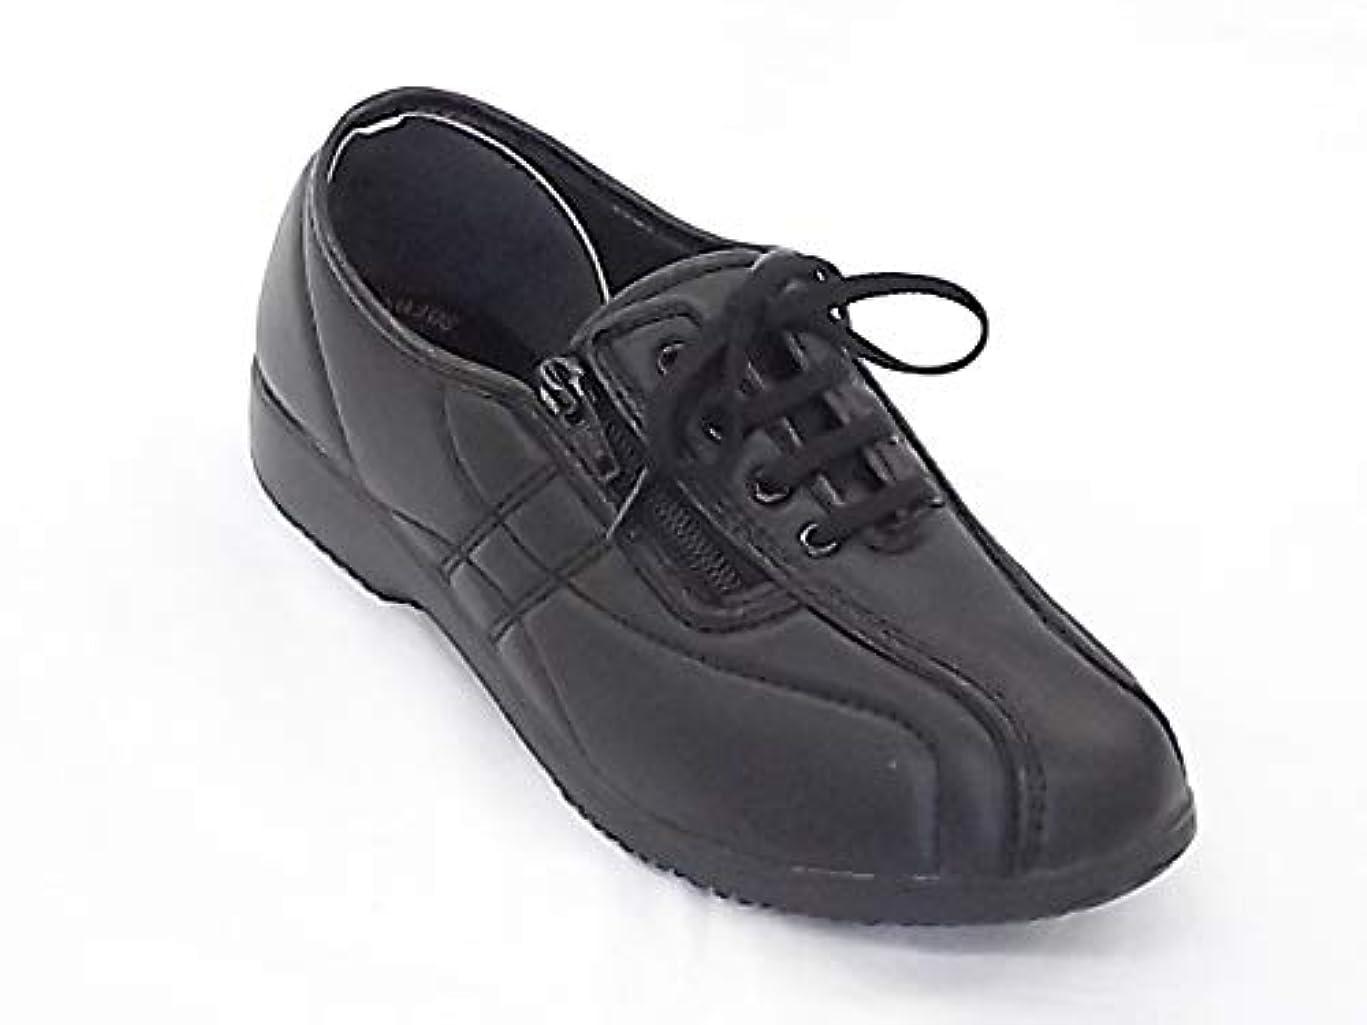 長老有料書き出す[ダンロップ] HOUSE BRAND TSUBAME くつろぎエルダー (サイズ:22.5cm カラー ブラック) KE326 スニーカー シューズ レディース 靴 お取り寄せ商品